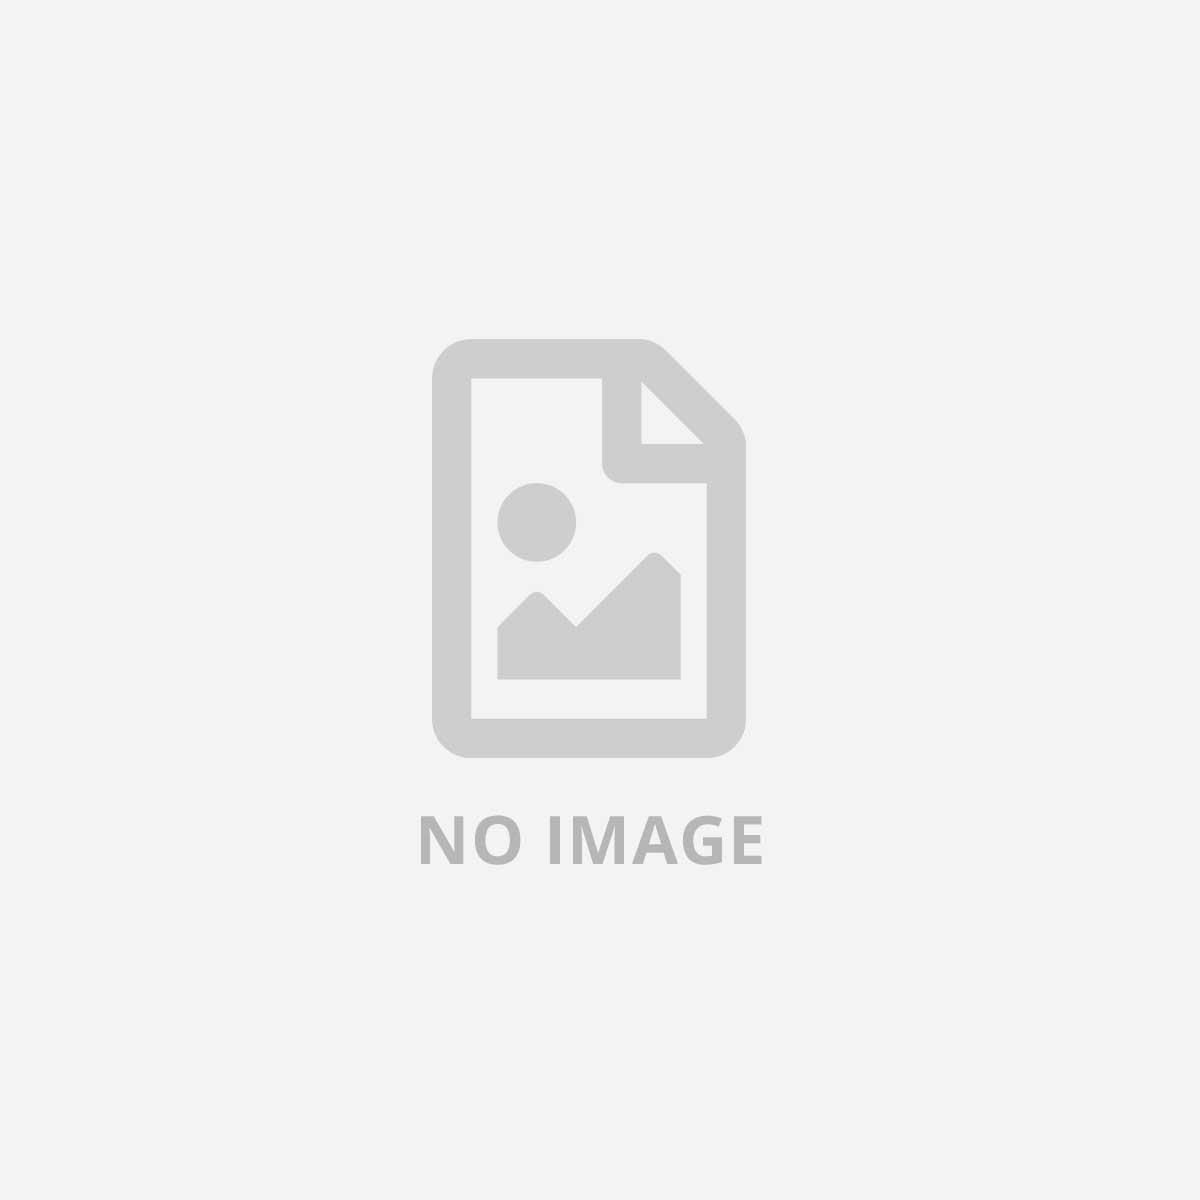 KAERCHER DETERGENTE PIETRE1L